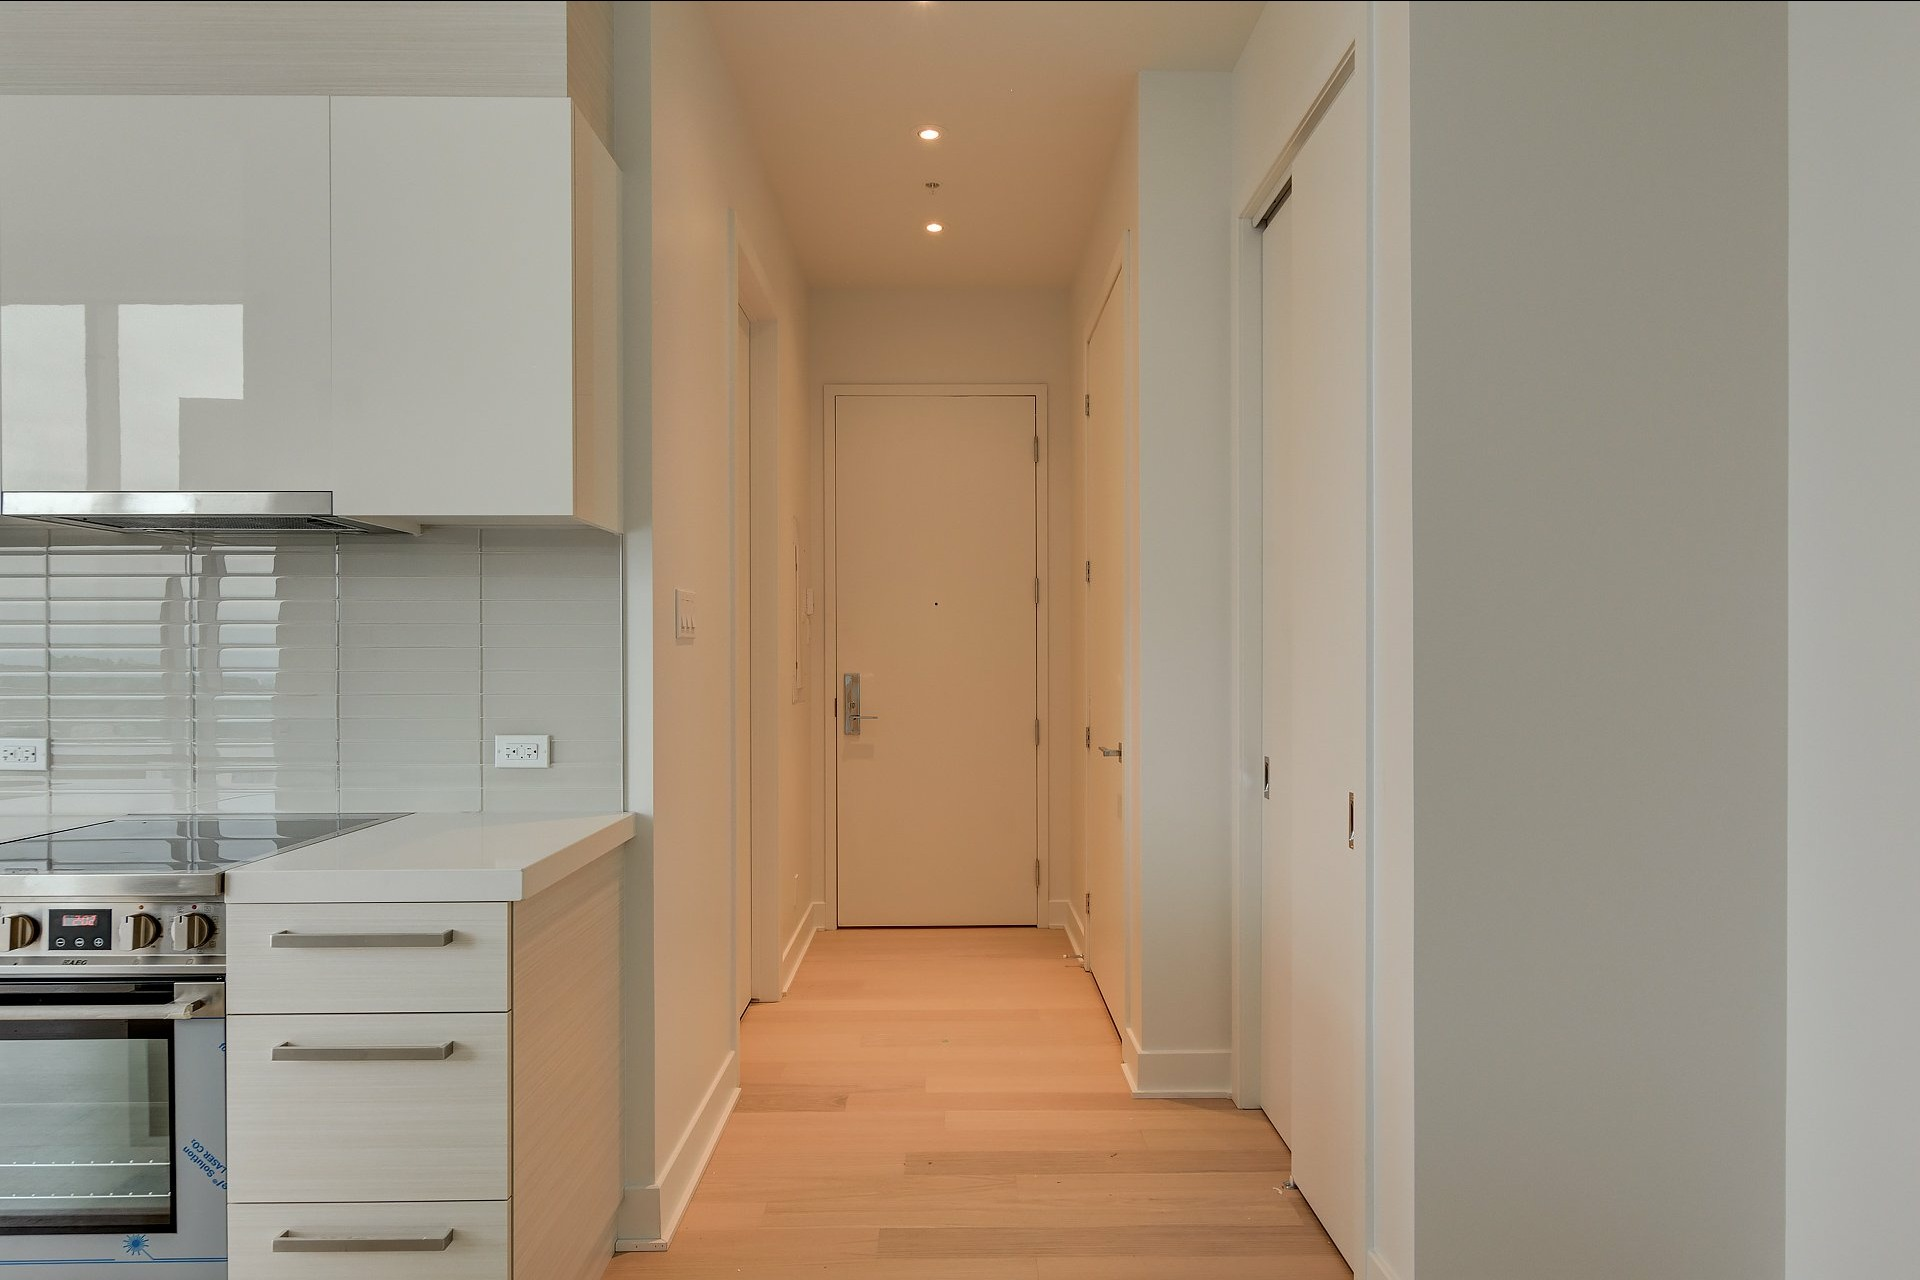 image 14 - Apartment For sale Montréal Ville-Marie  - 4 rooms